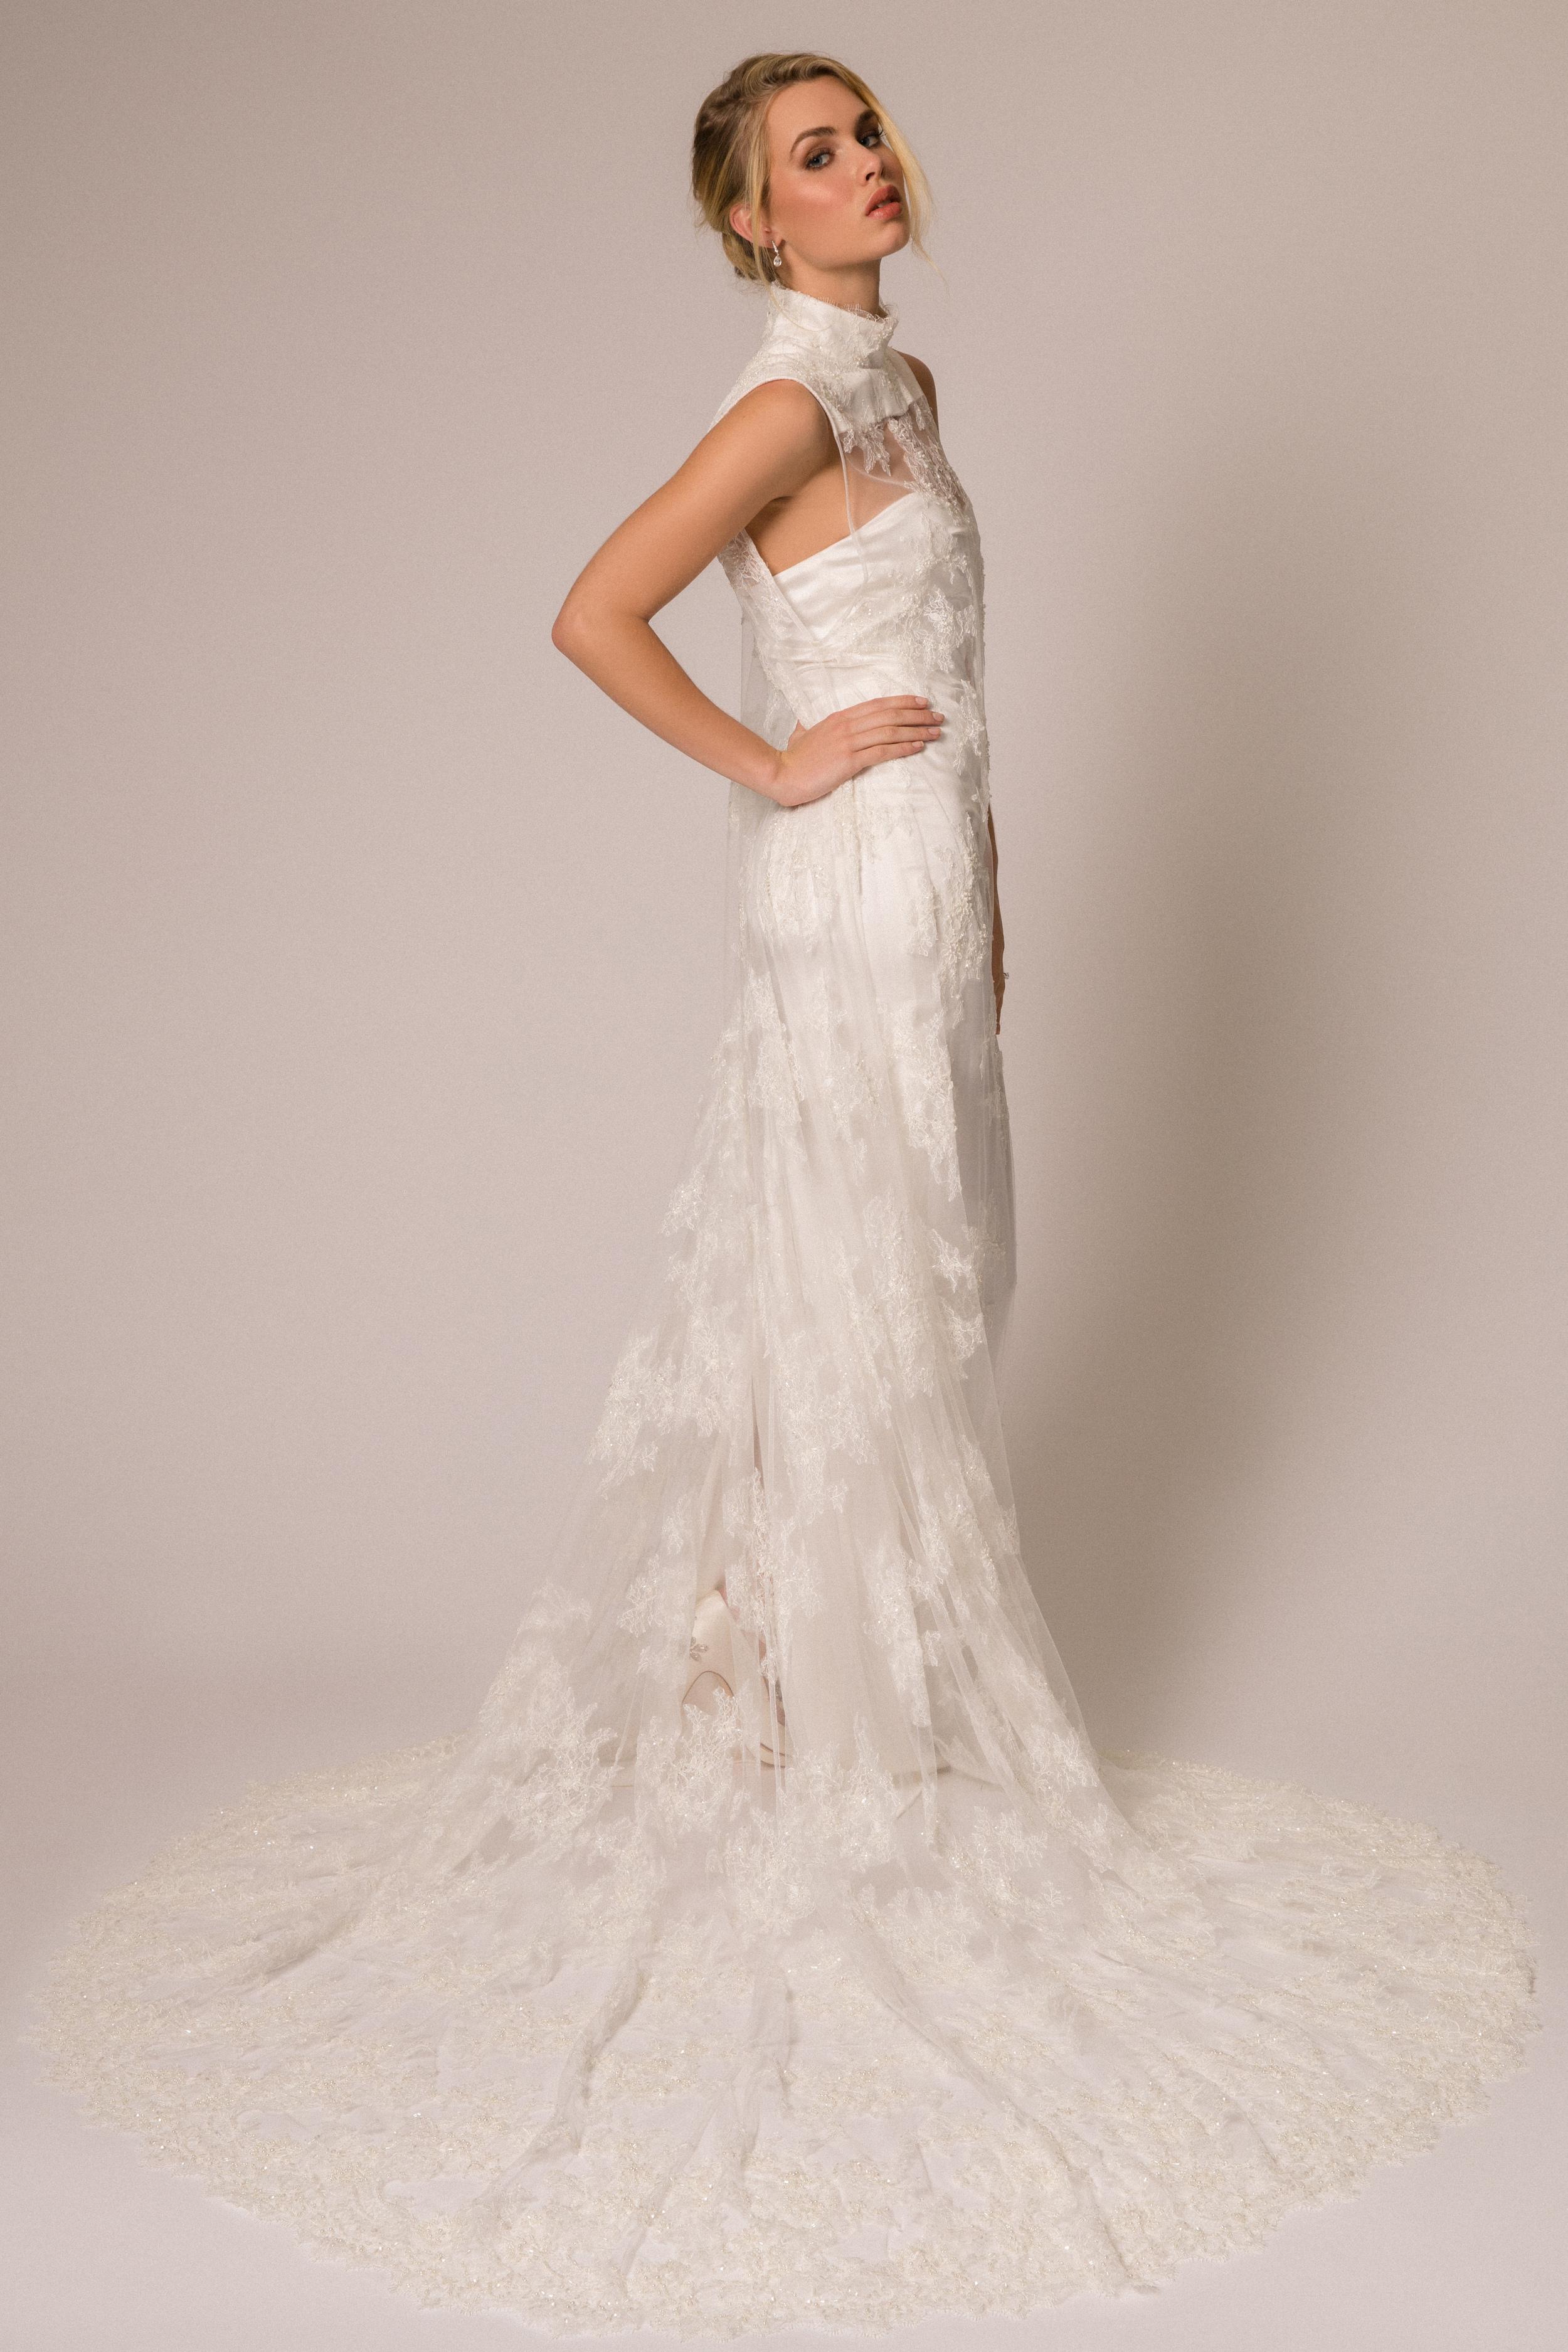 The Ianthe Dress